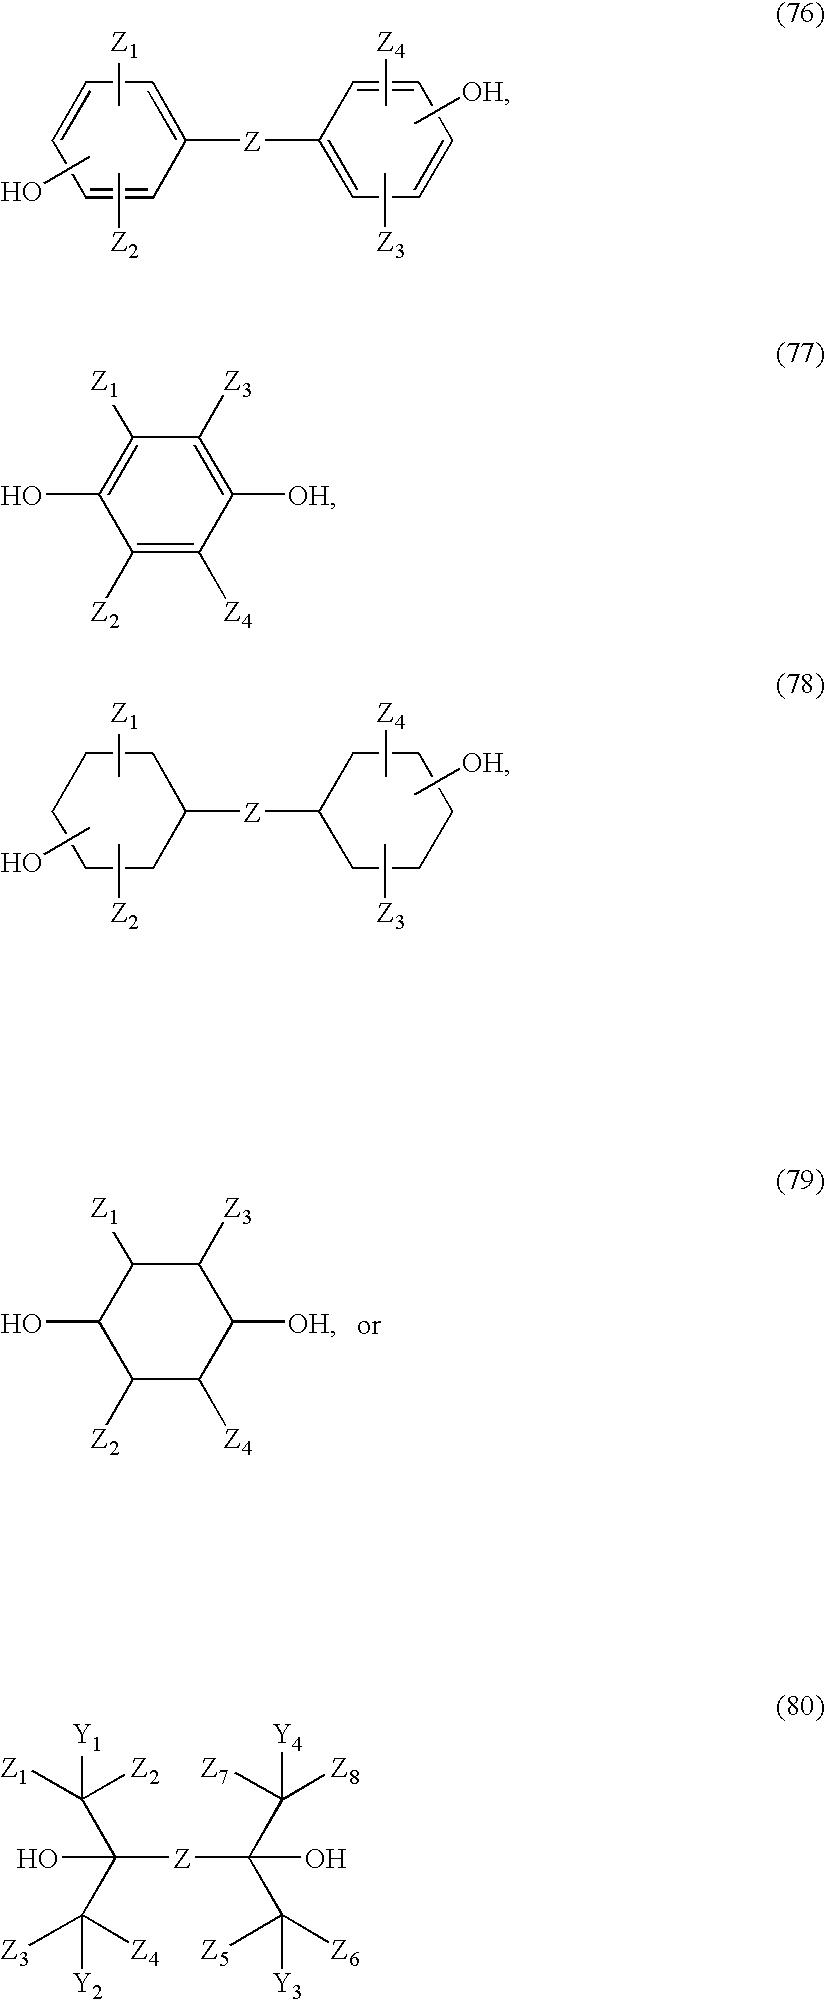 Figure US20050272899A1-20051208-C00052